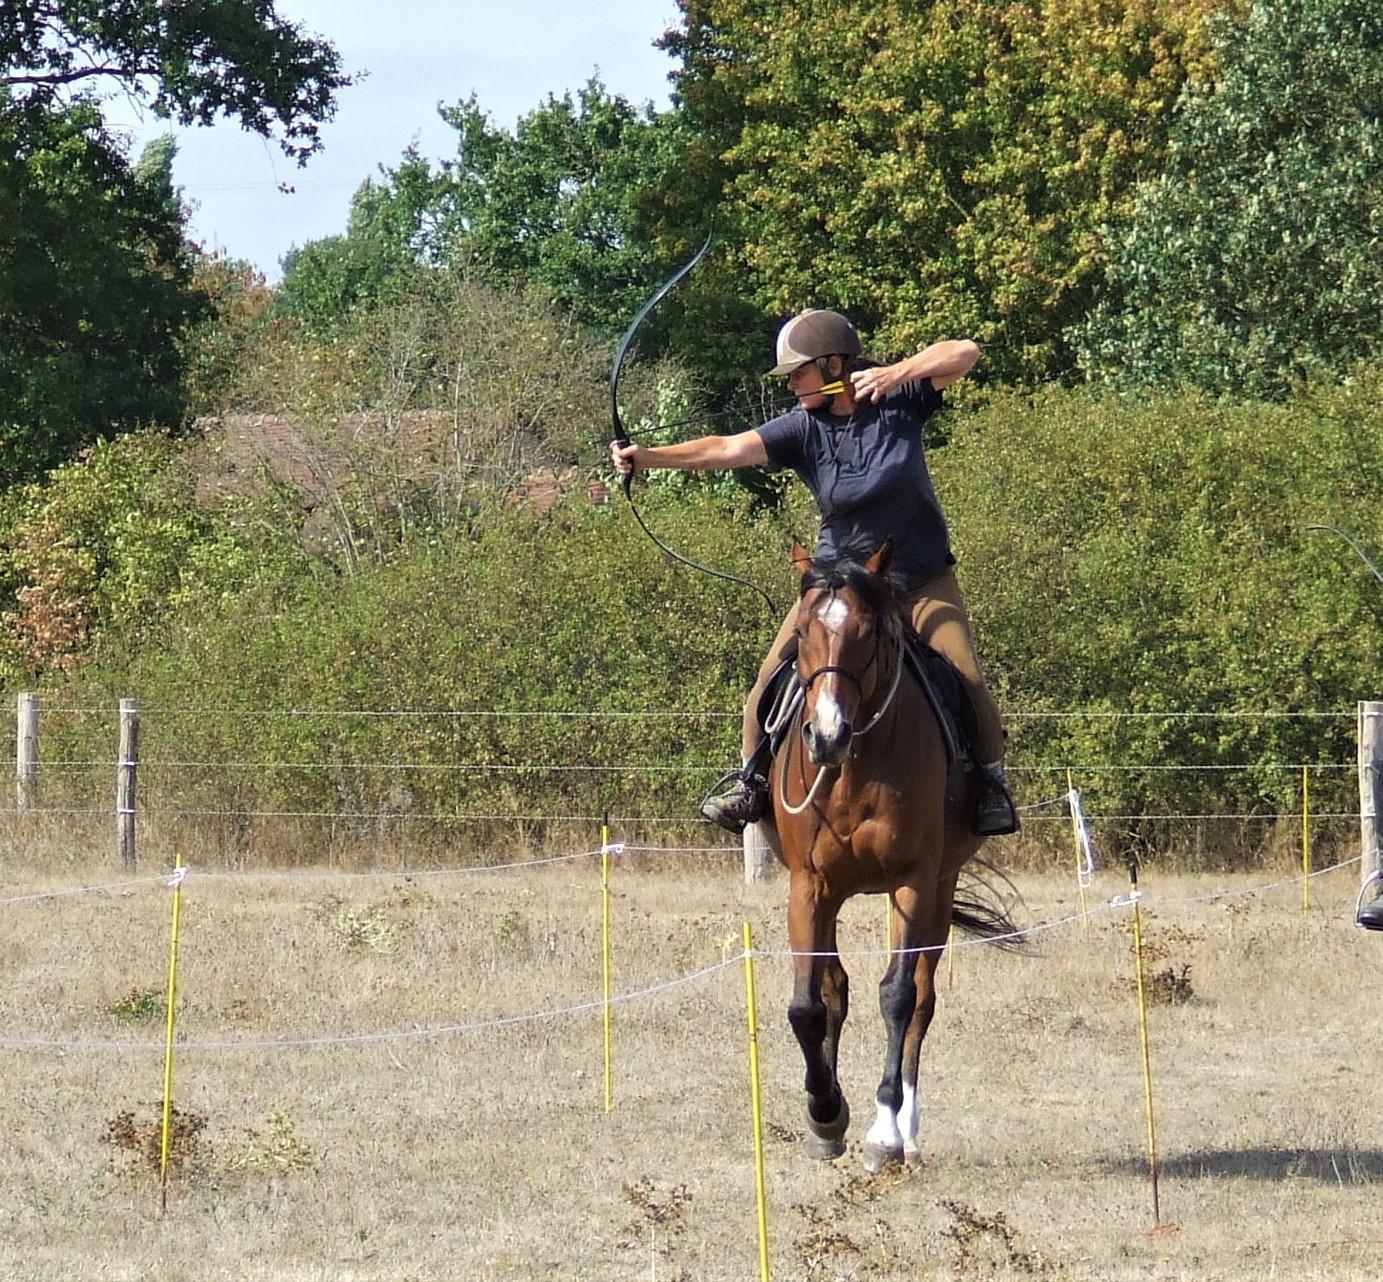 Venez découvrir l'équifeel et le tir à l'arc à cheval aux écuries du port d'Avoise